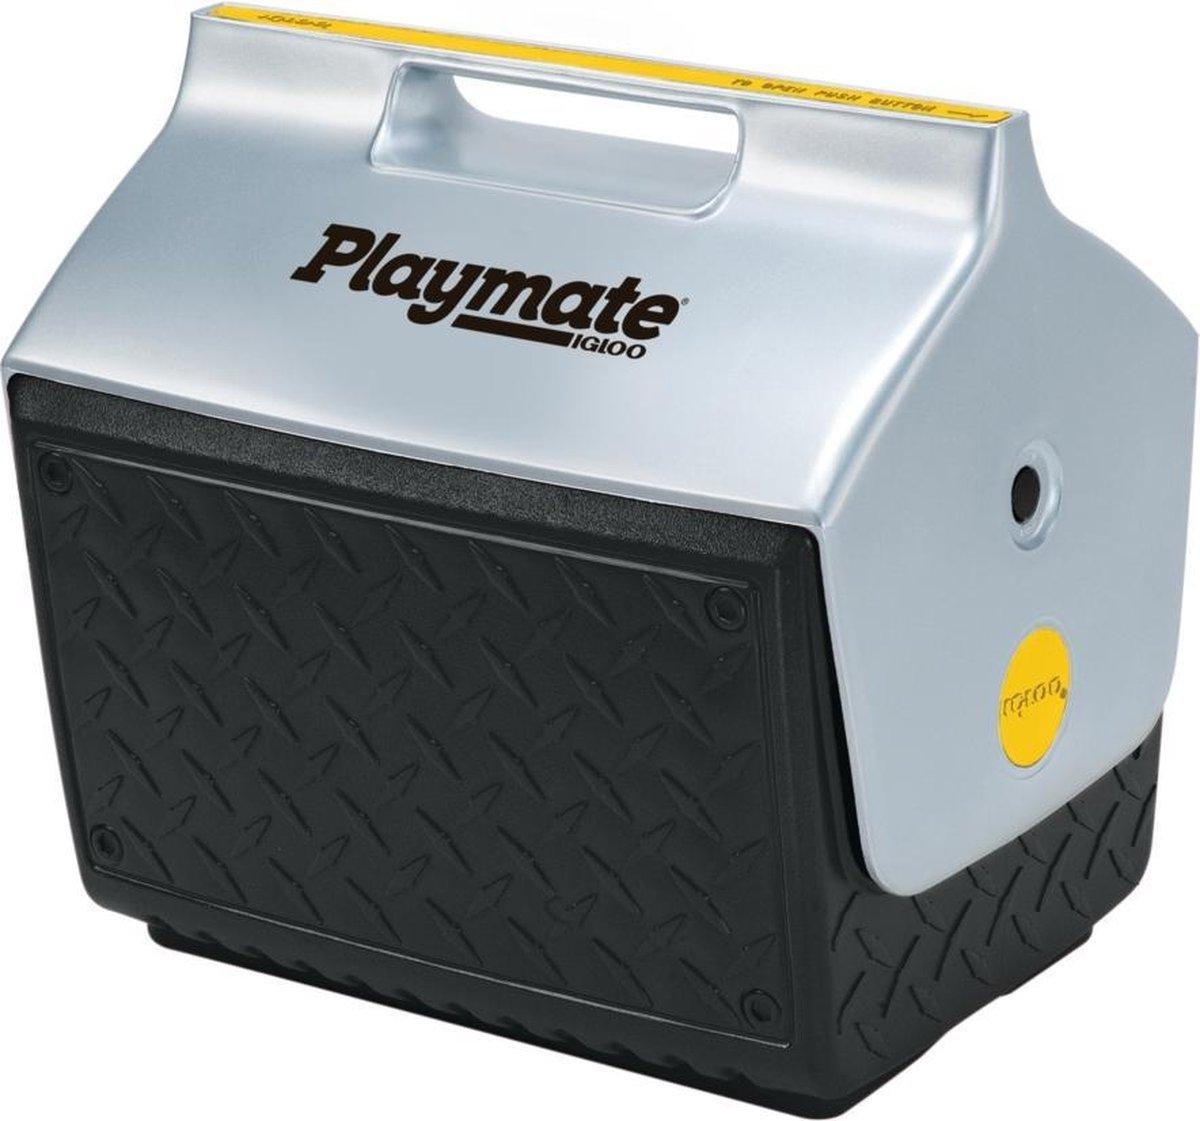 Igloo Playmate The Boss - Kleine koelbox speciaal voor de bouw -  13 Liter - Zwart/Zilver